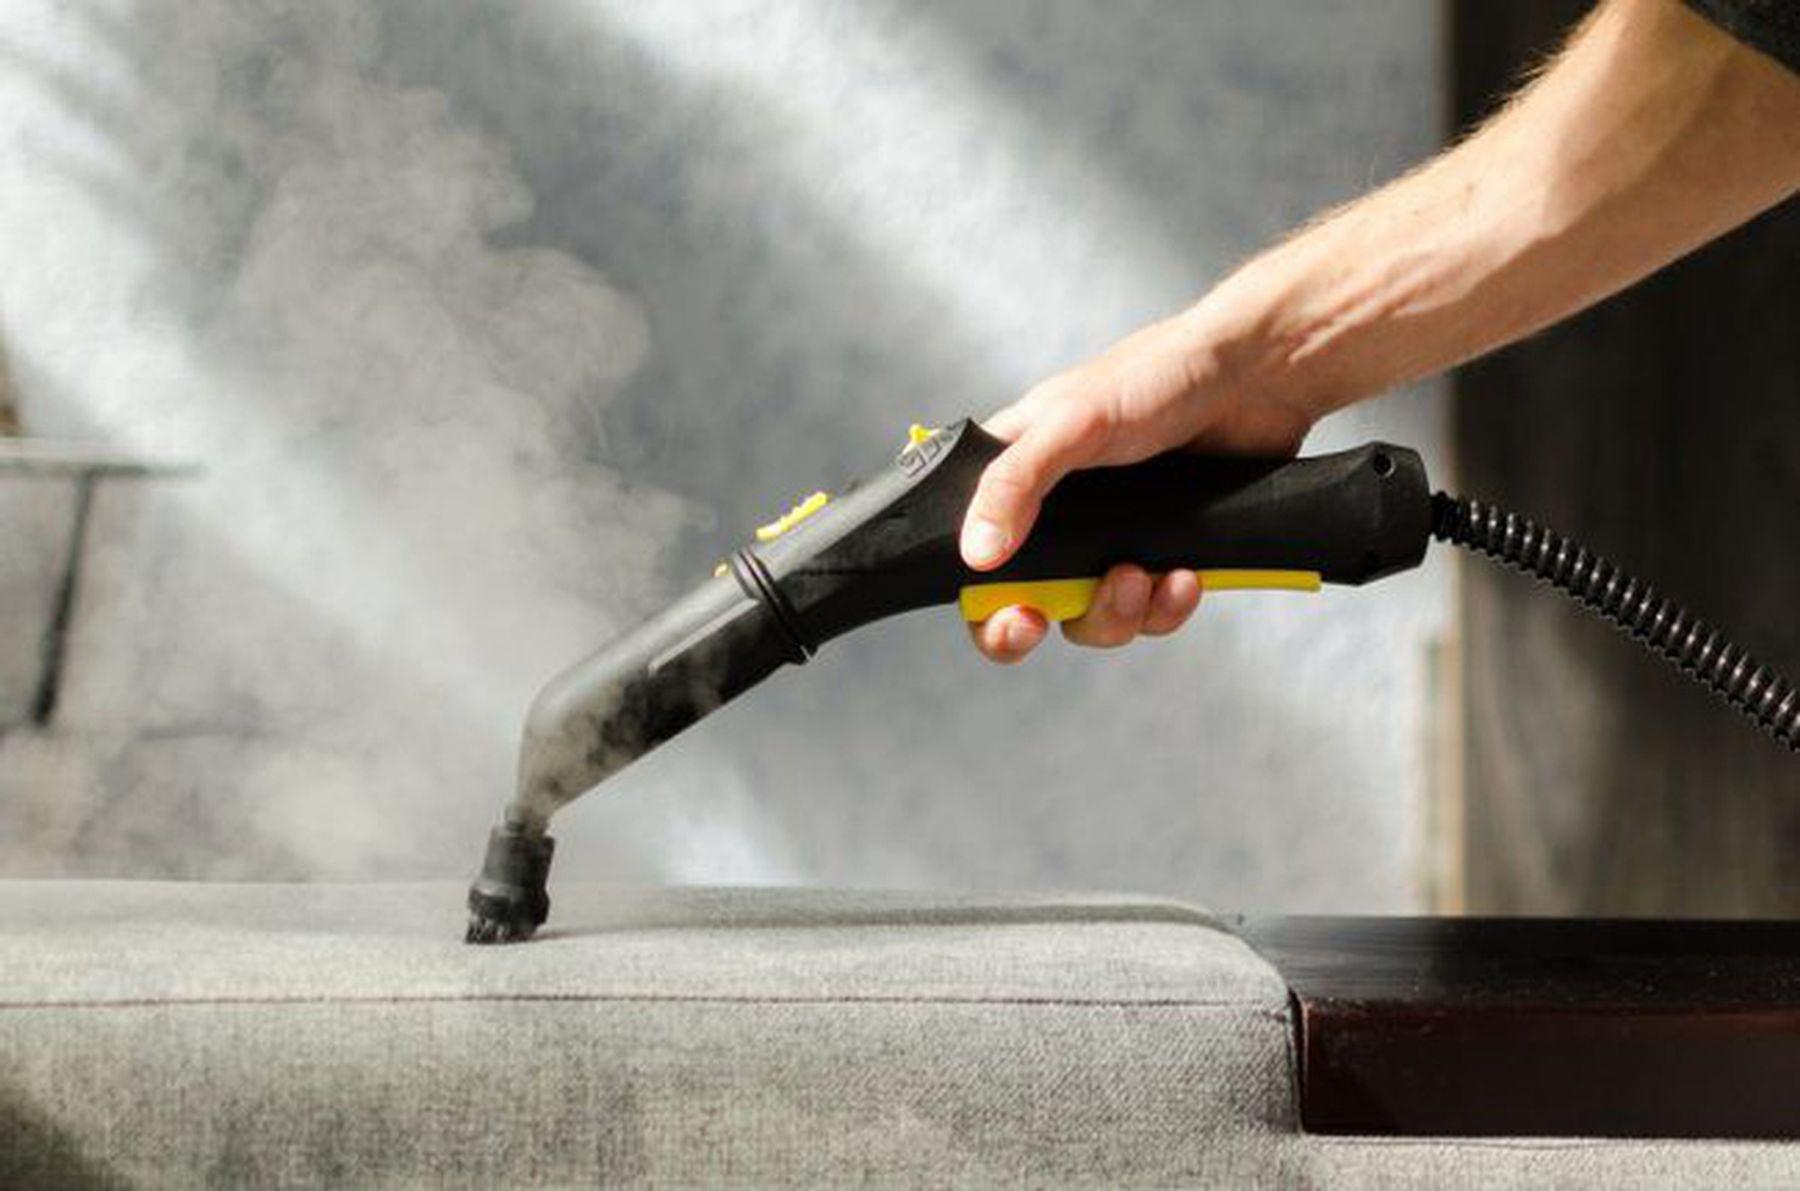 Thiết bị máy phun hơi nước nóng làm sạch mặt nệm